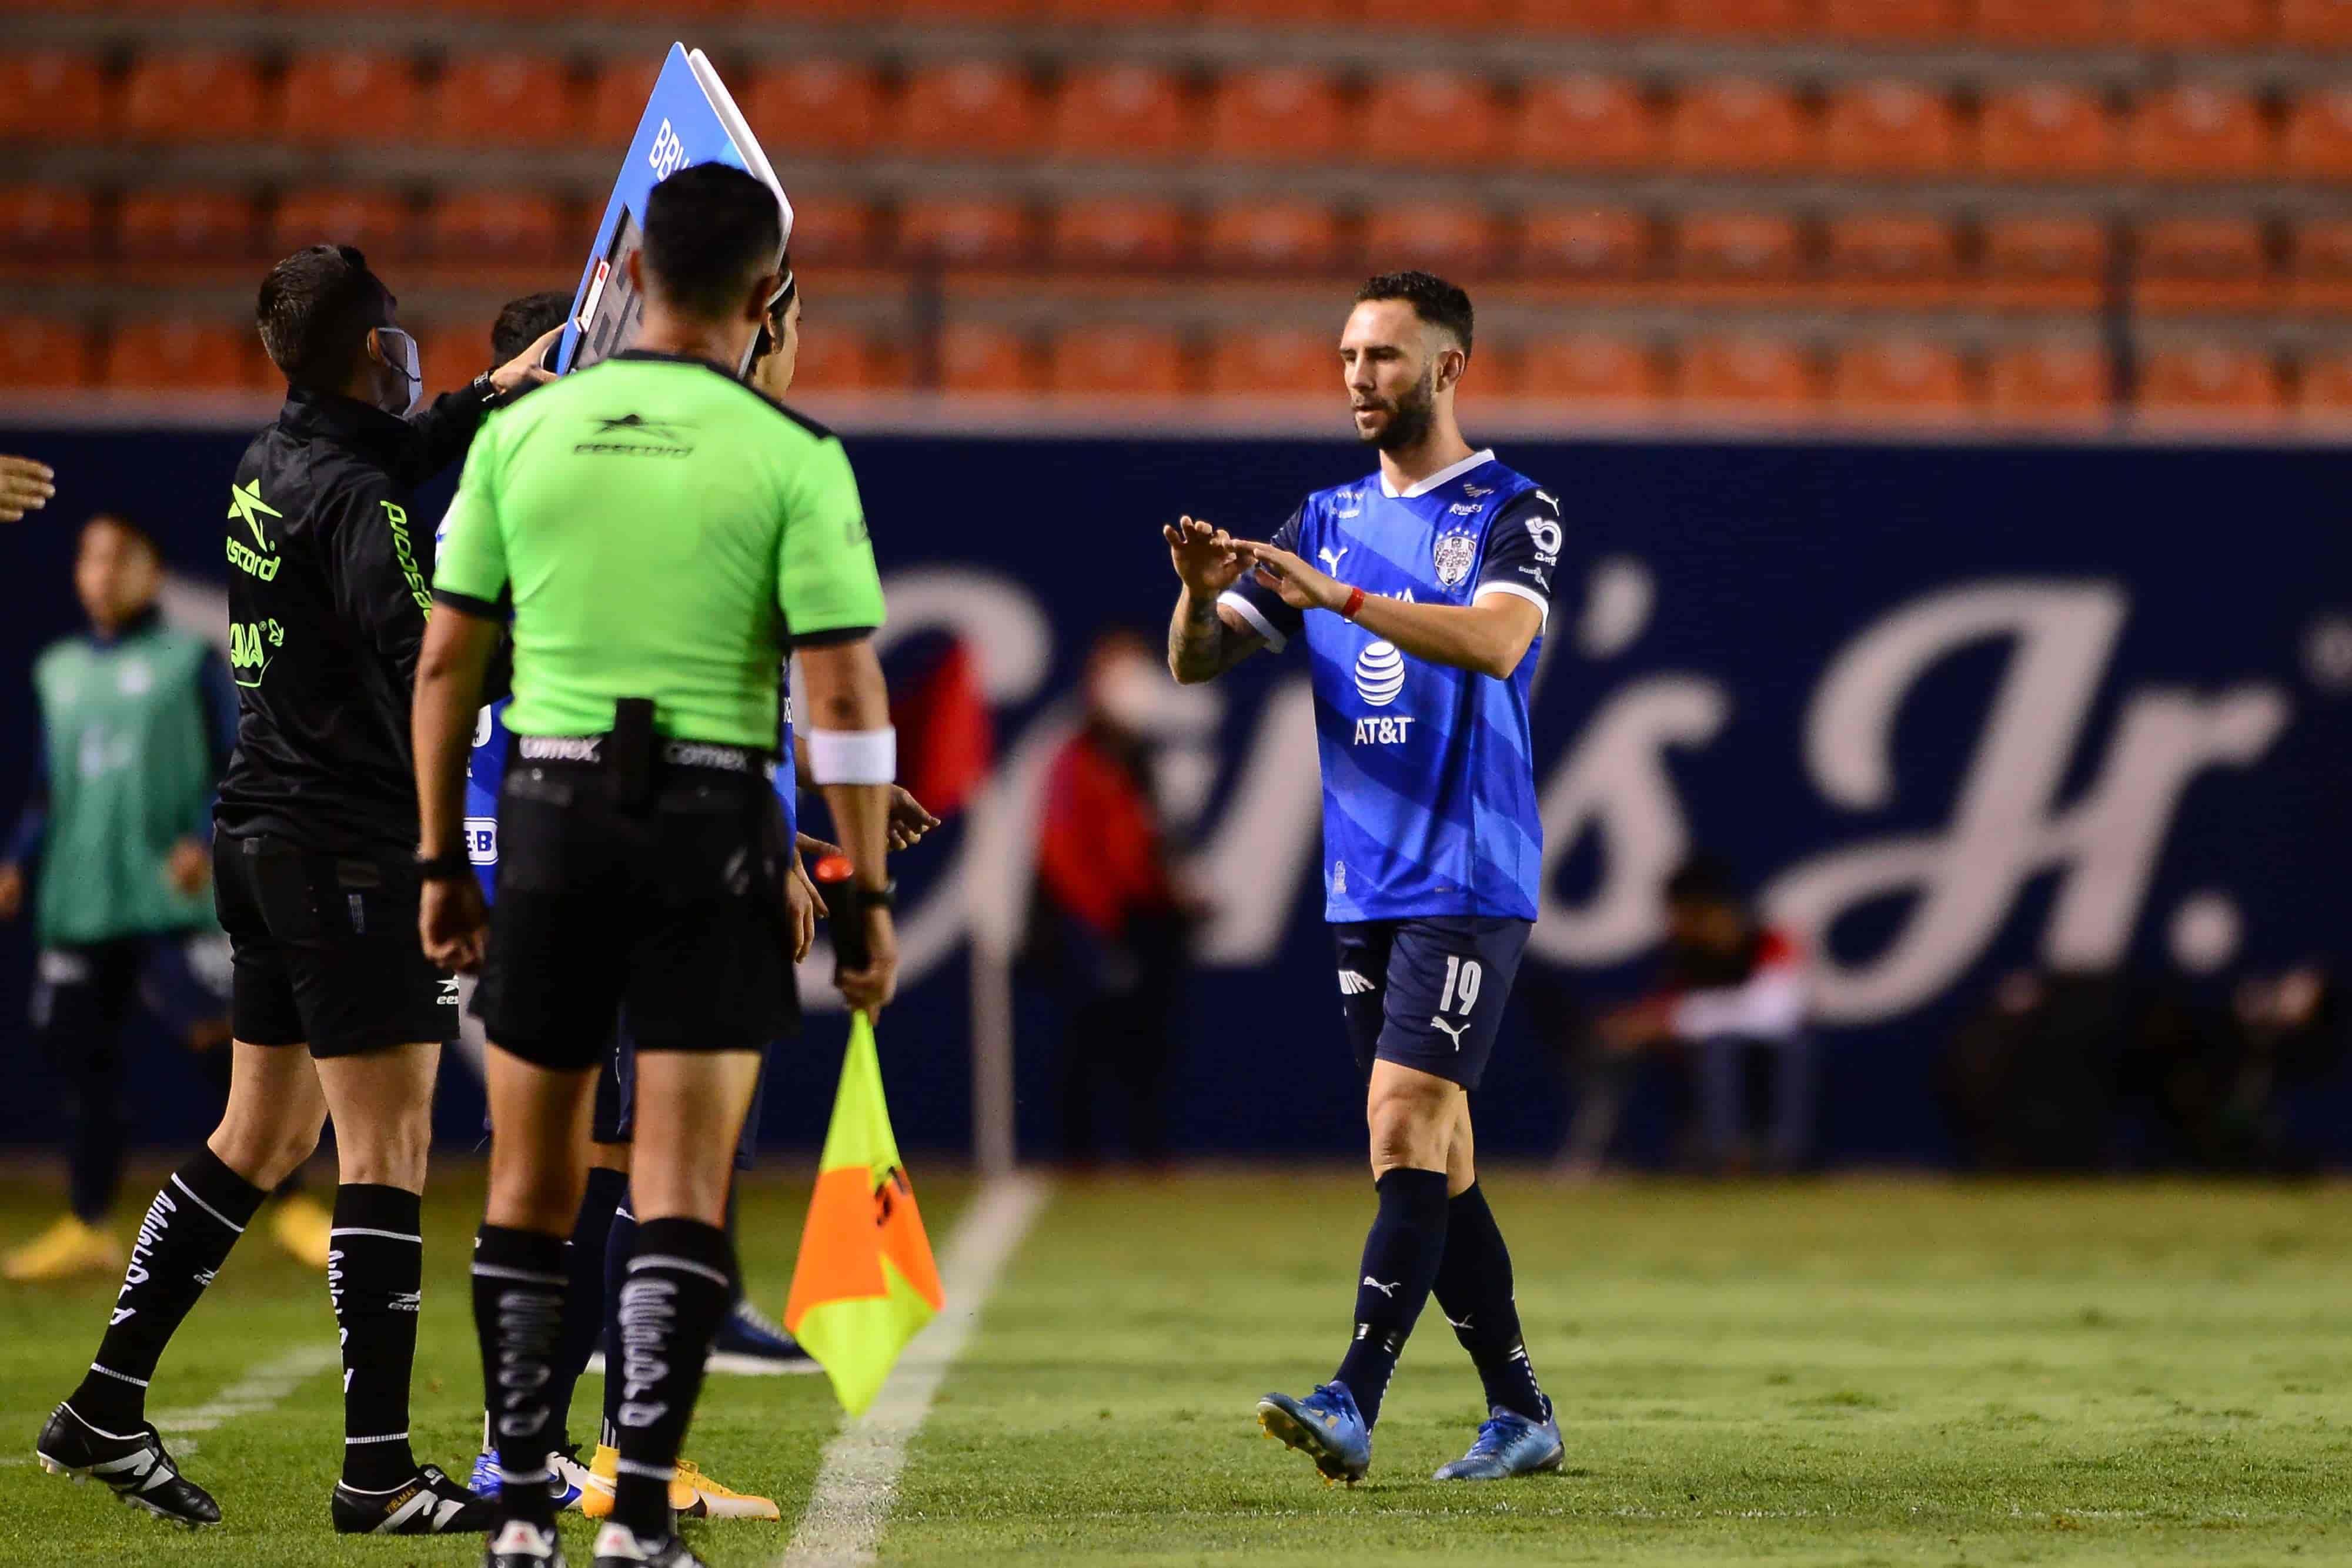 Monterrey abrió el marcador al minuto 19